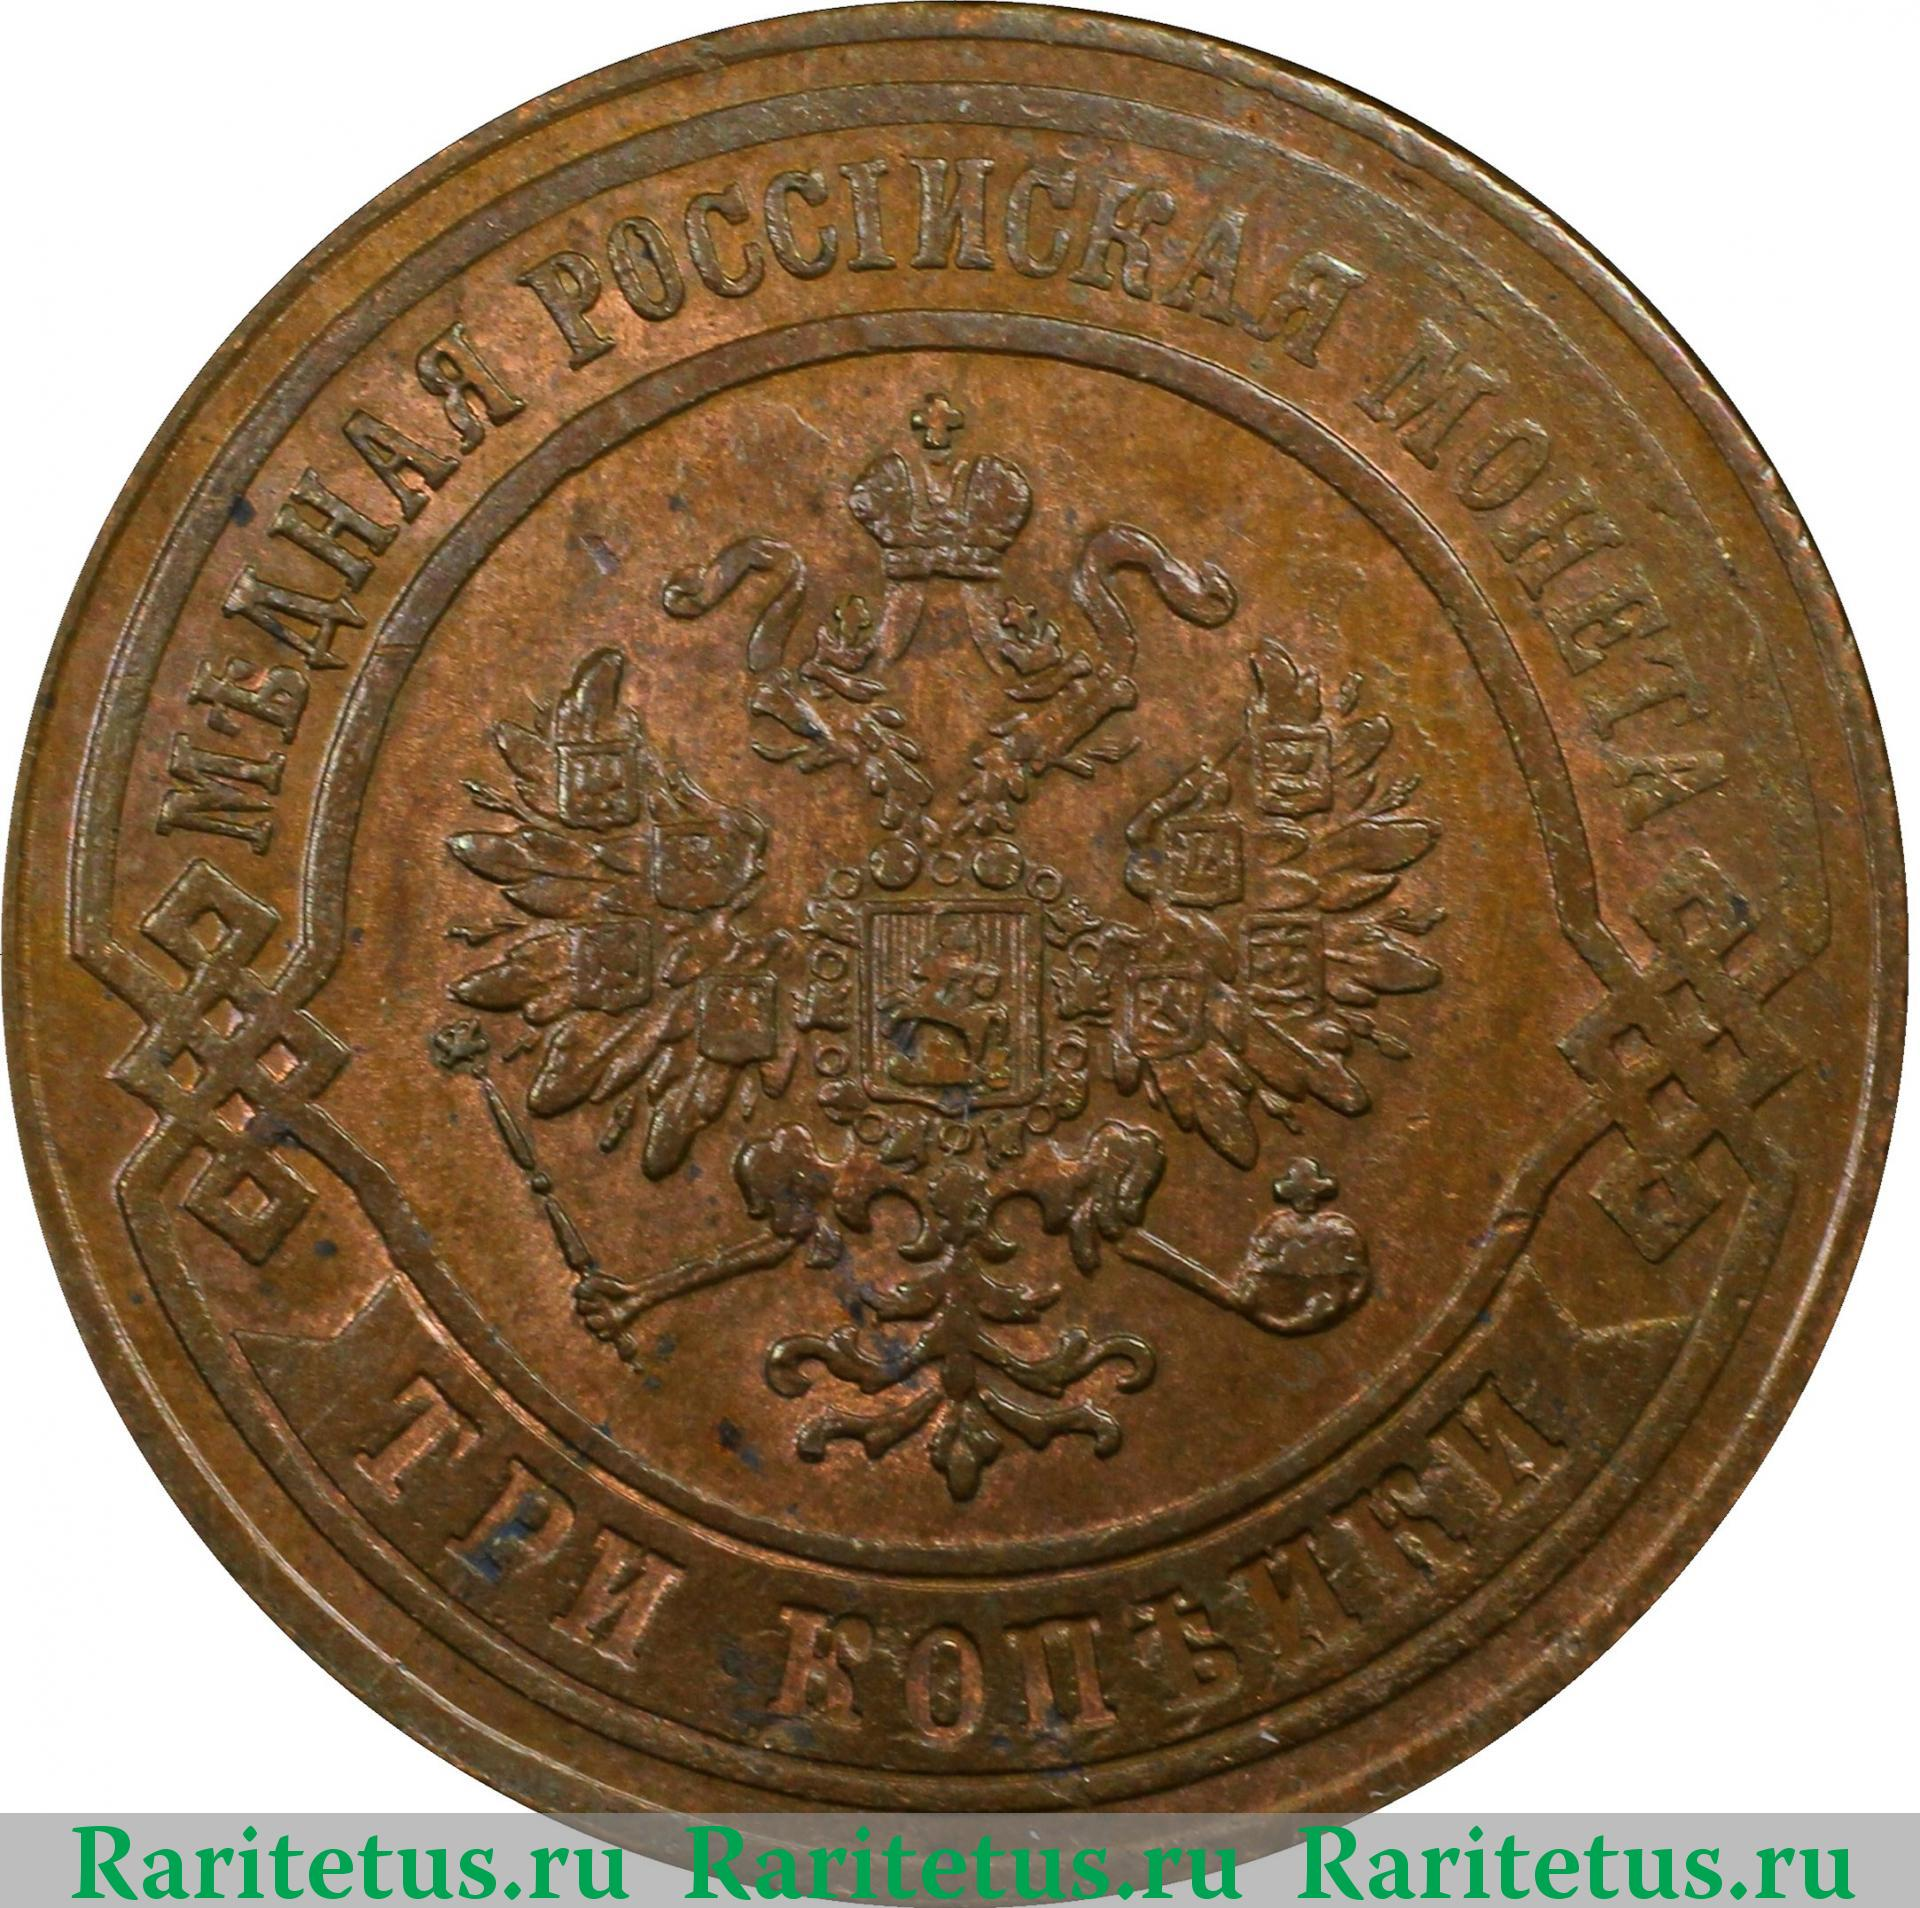 3 копейки 1876 года цена стоимость монеты монета святая матрона московская купить